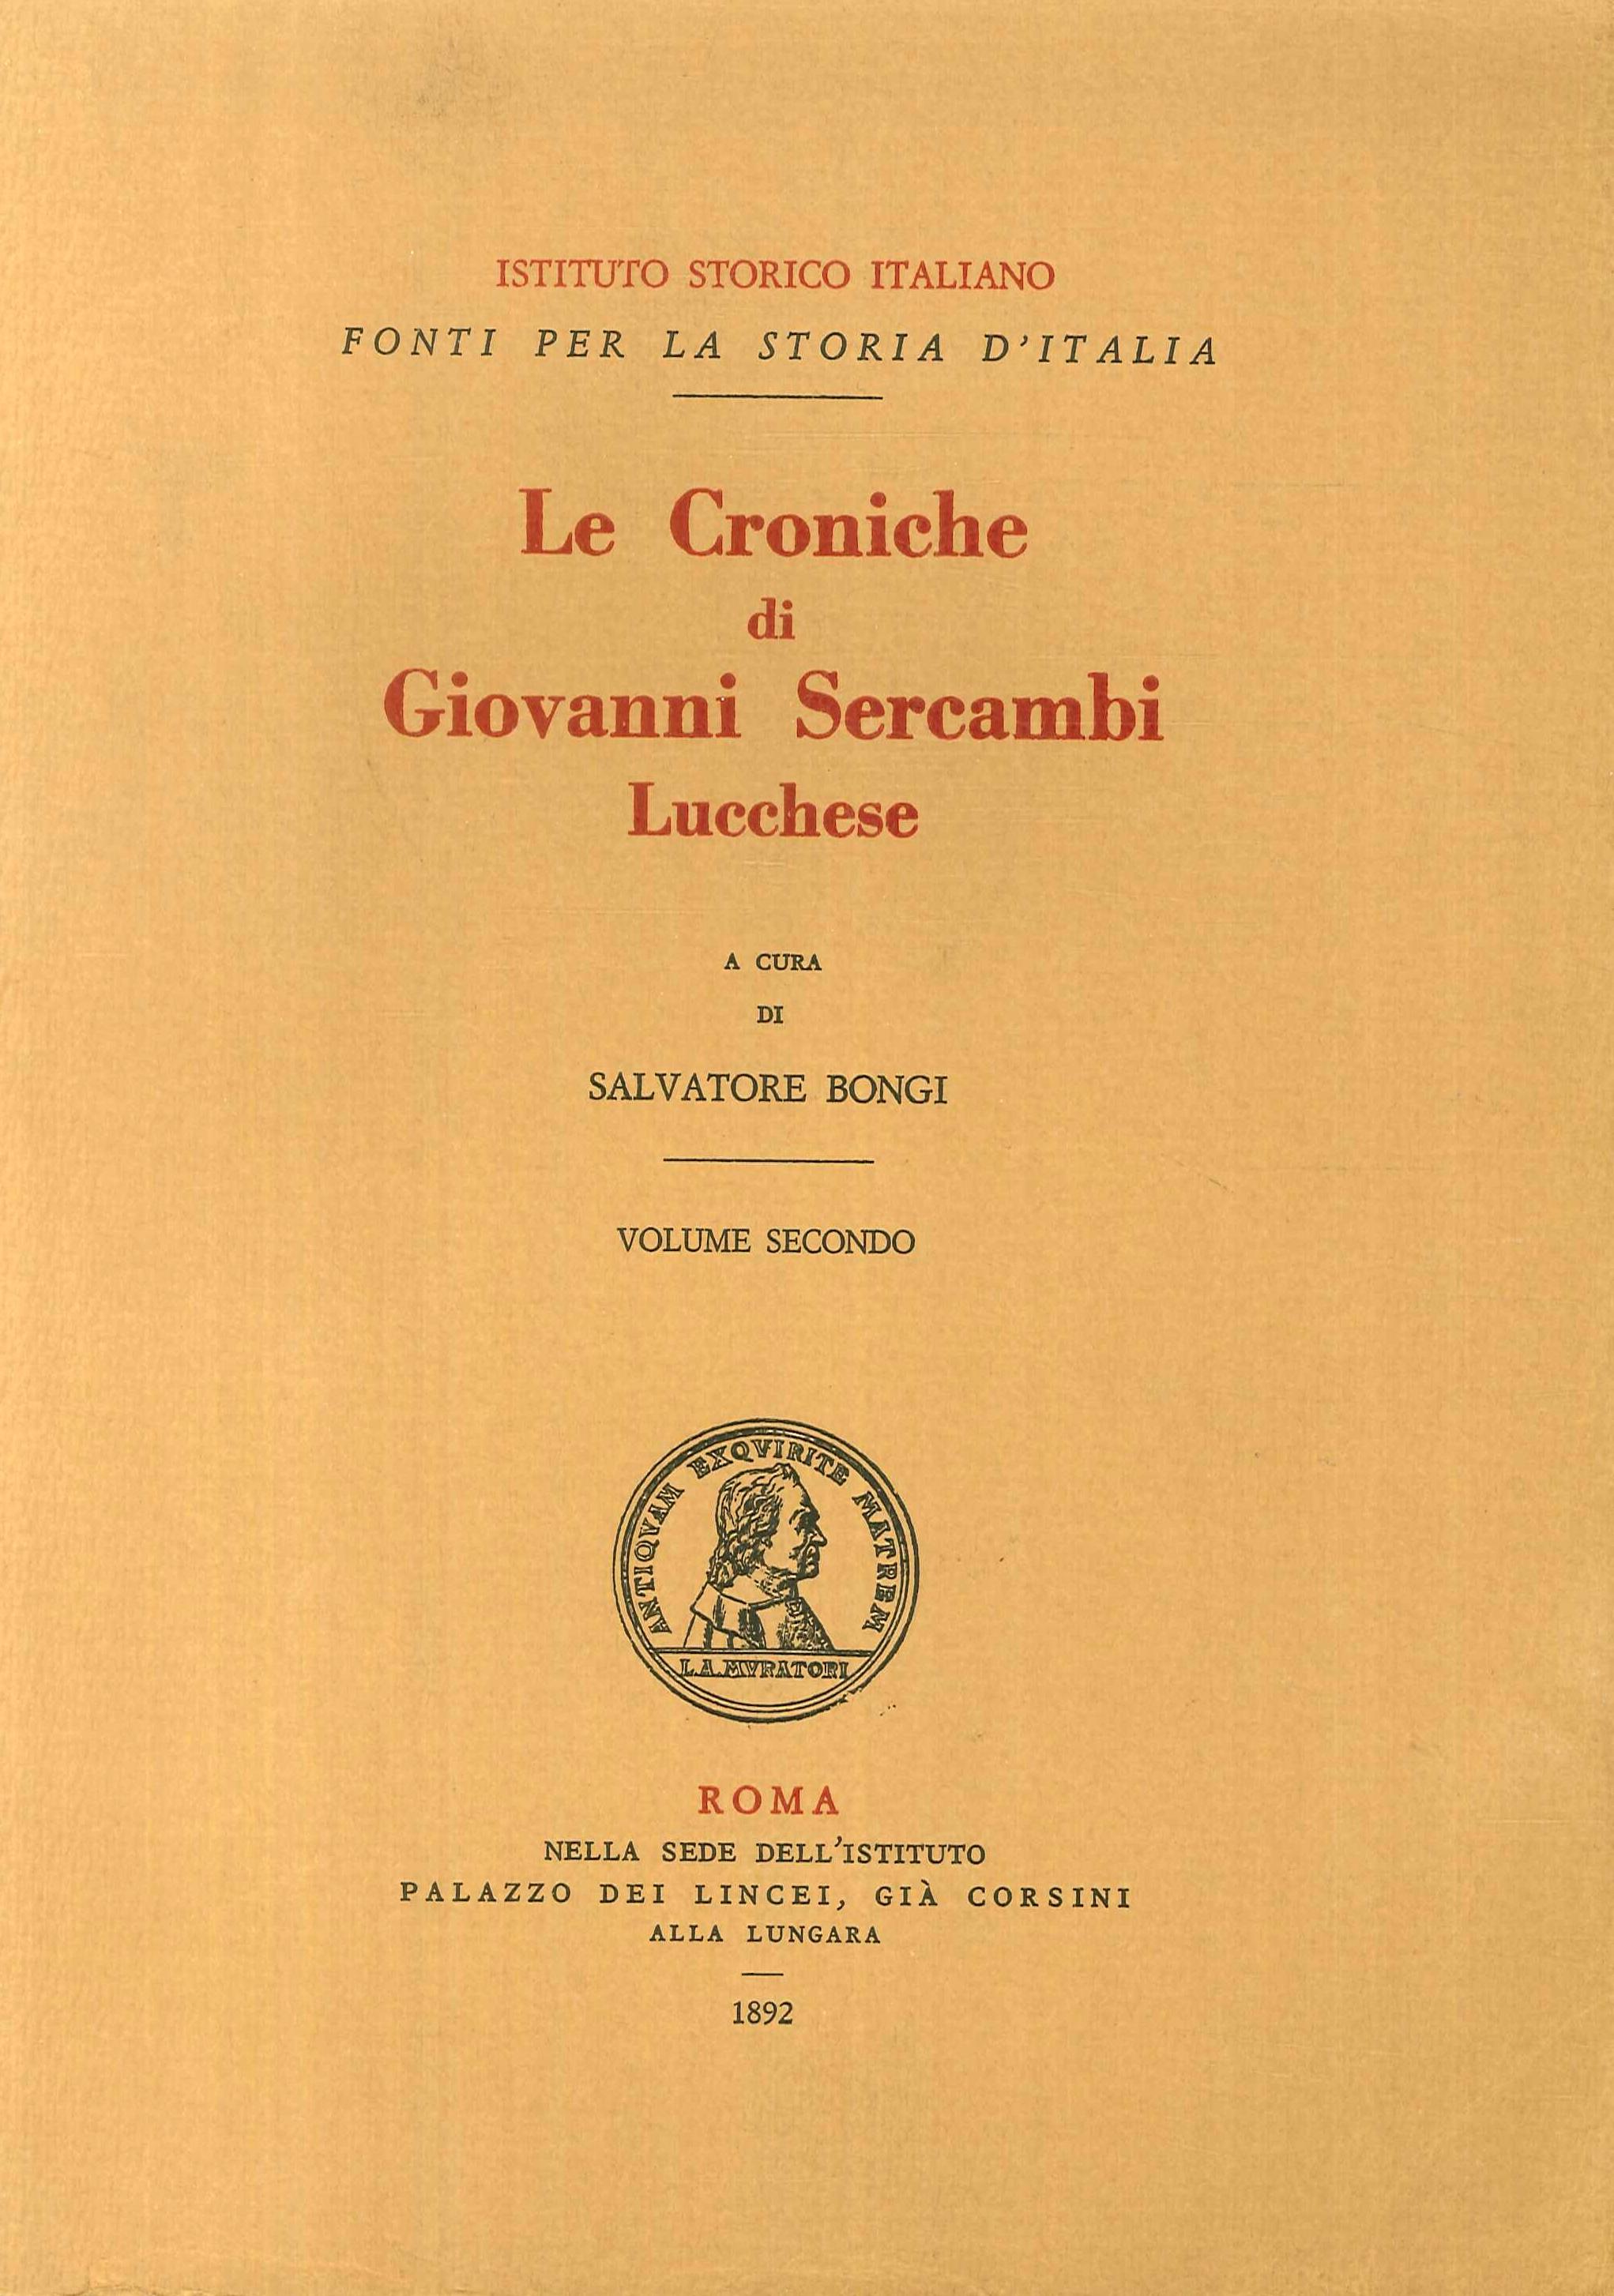 Le Croniche di Giovanni Sercambi Lucchese. Volume secondo